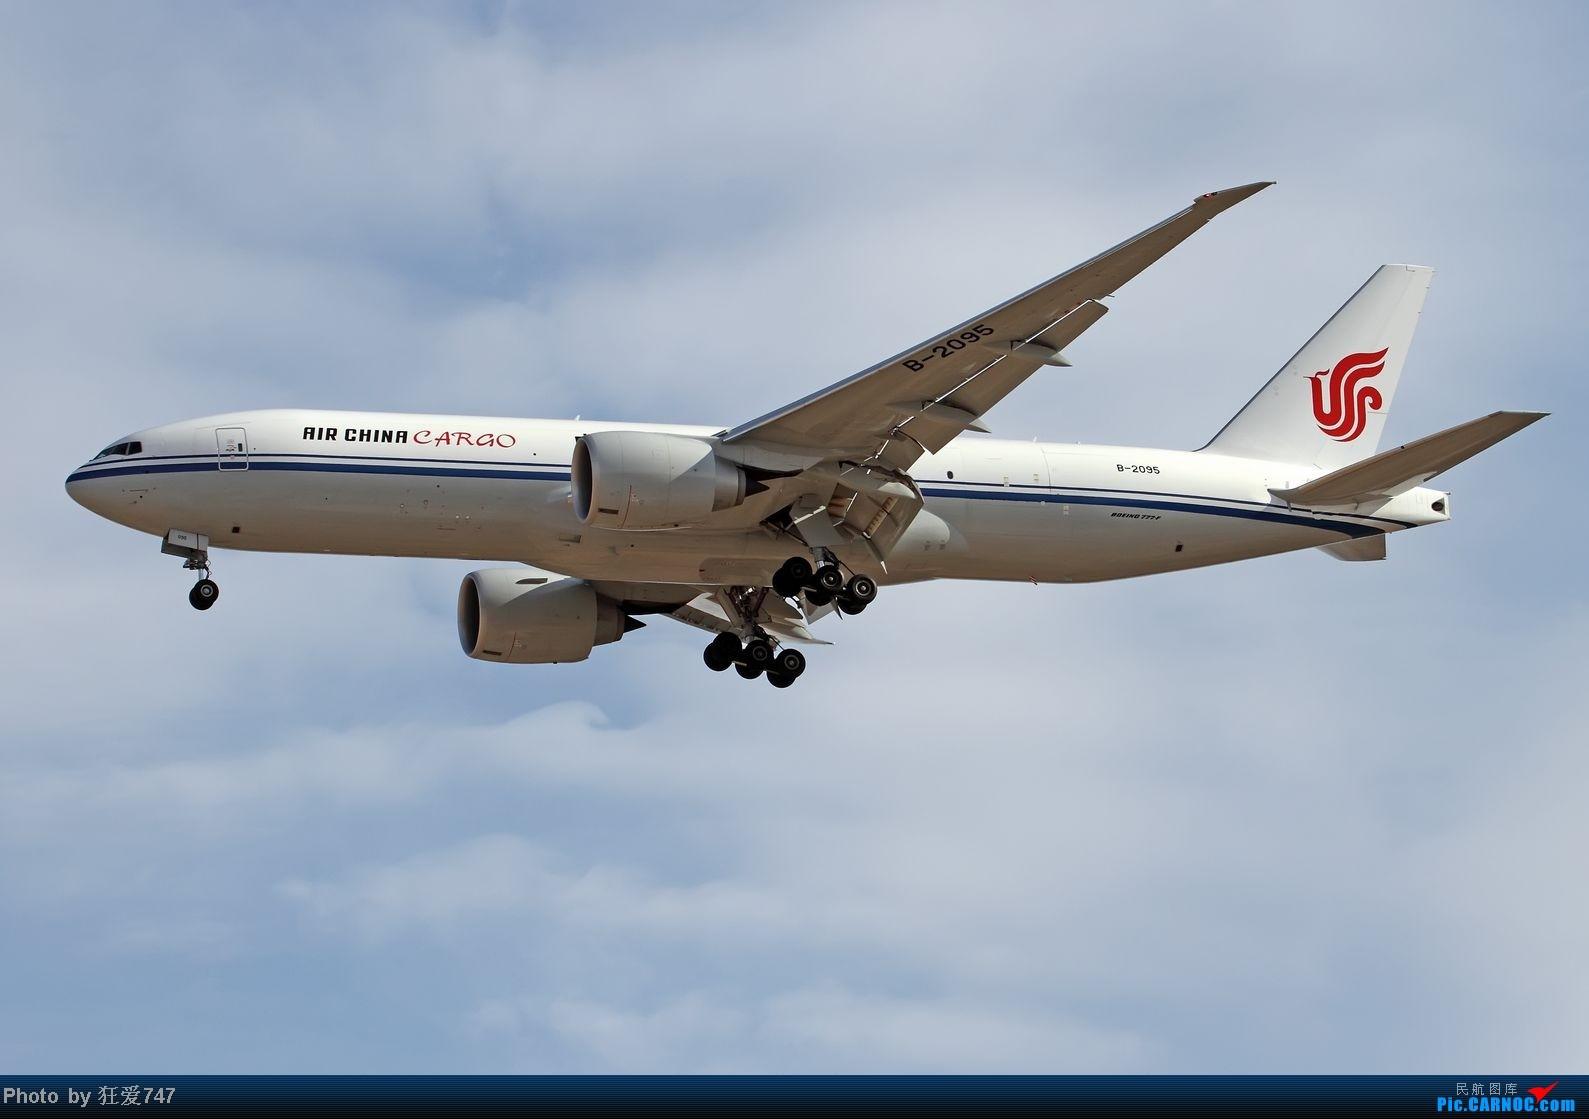 中国国货航_[原创]一张图:国货航波音777F